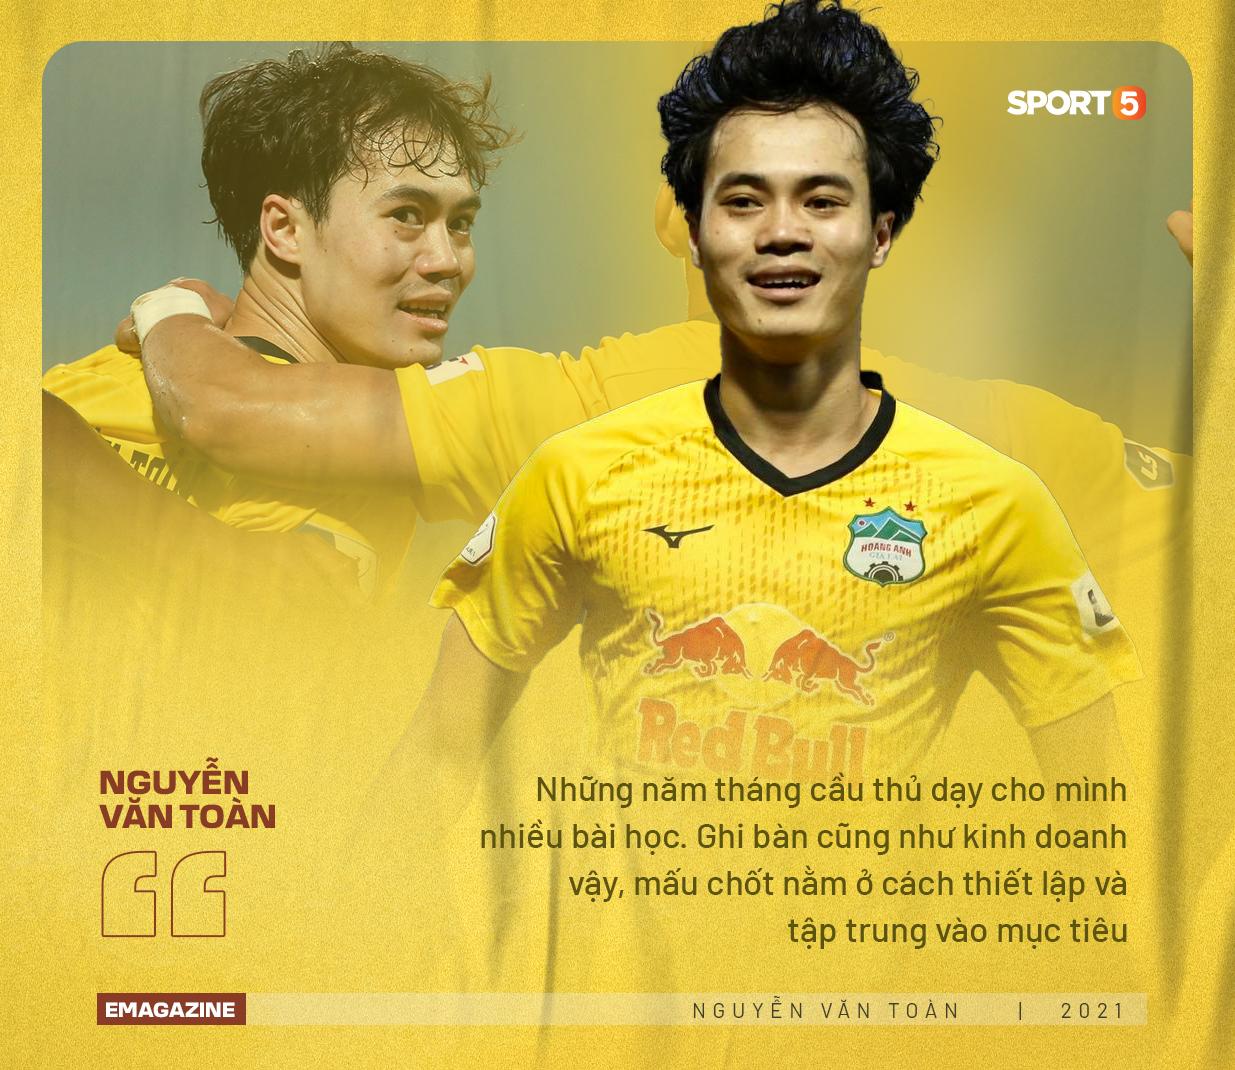 Nguyễn Văn Toàn: Tôi muốn được nhớ đến là một cầu thủ thành công và doanh nhân thành đạt - Ảnh 4.